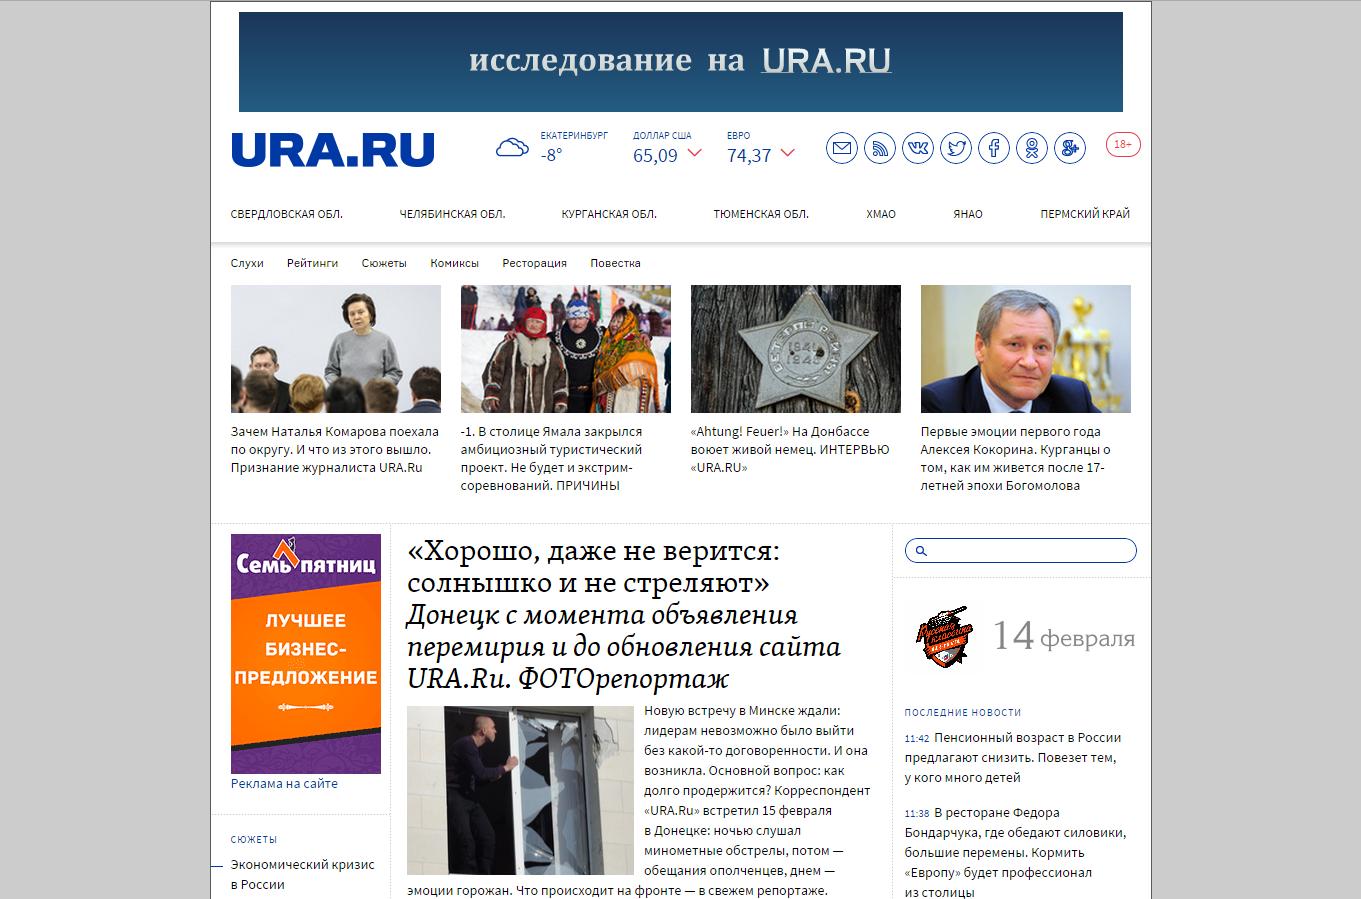 Жизнь с чистого листа: коллектив Ura.ru вернулся к работе